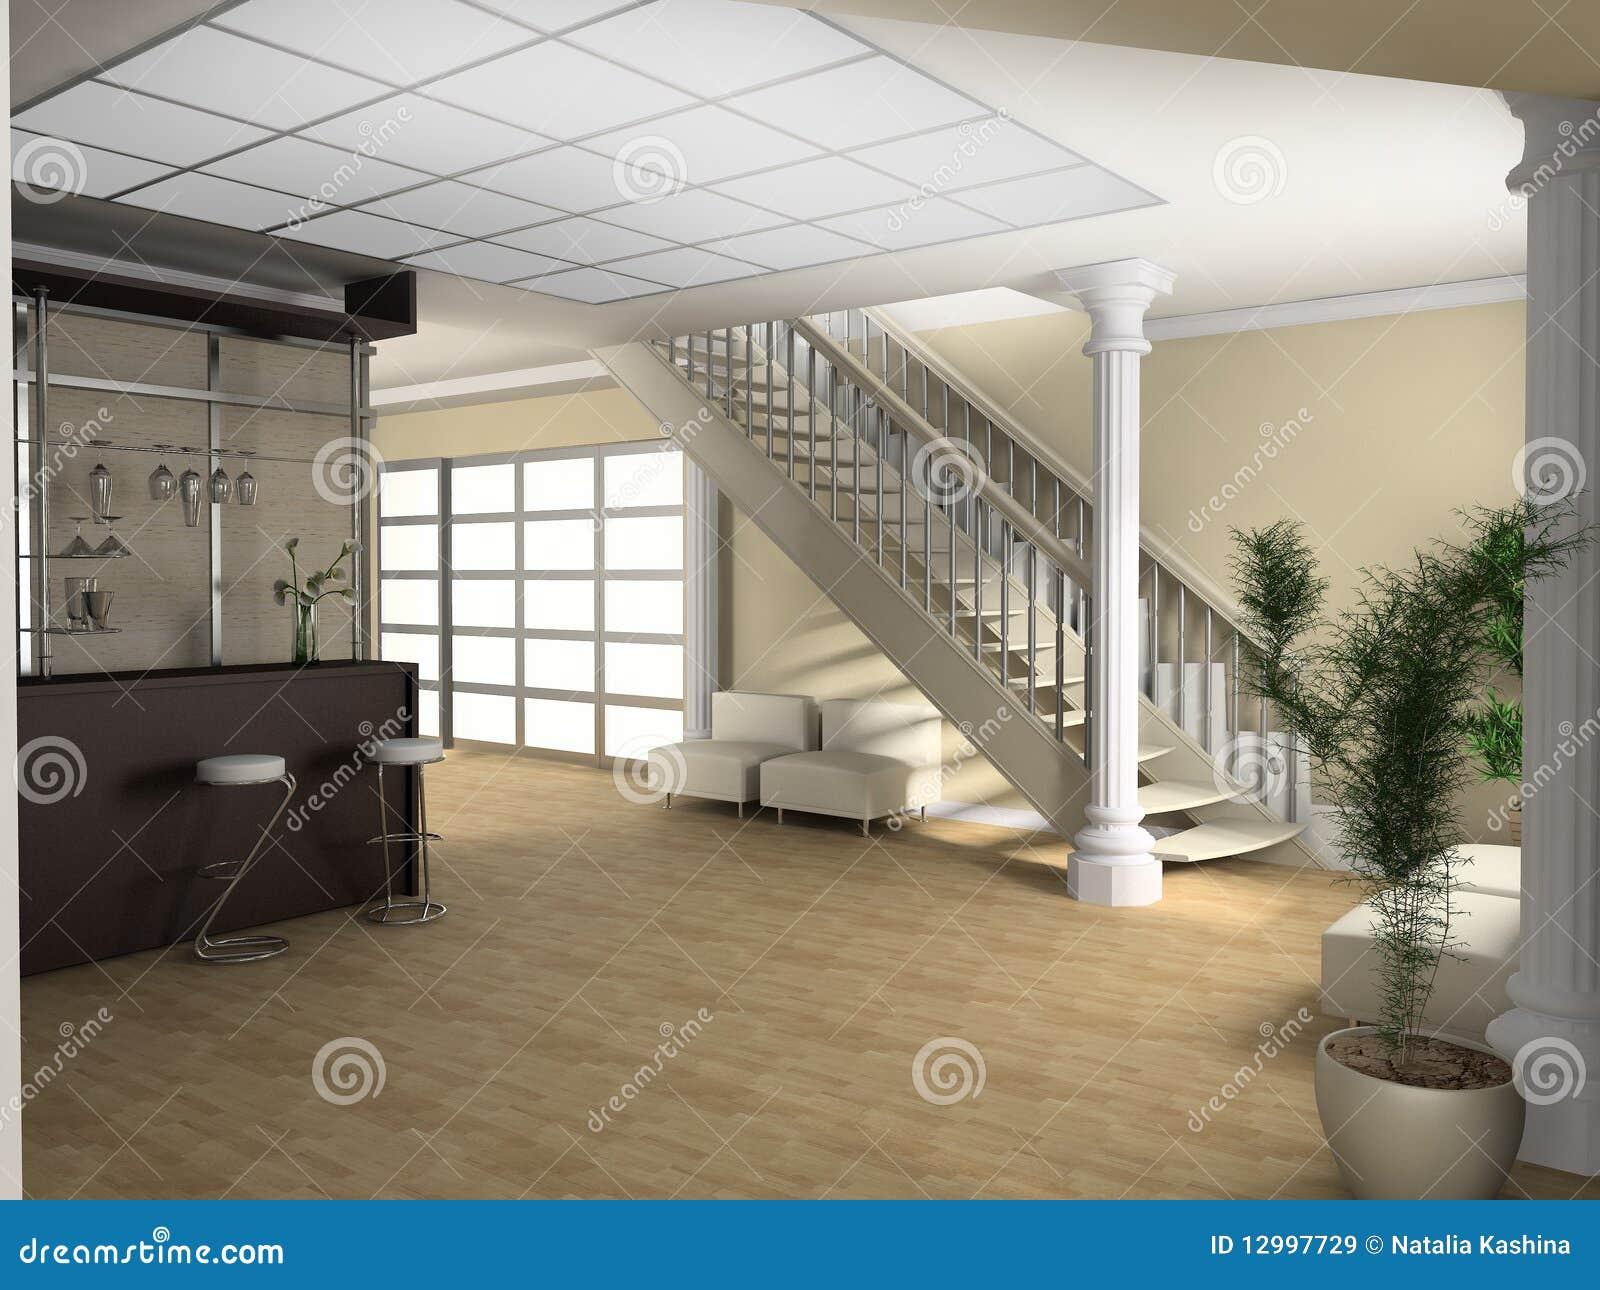 Sala De Estar Com Escada ~ Escada Em Uma Sala De Estar Imagens de Stock Royalty Free  Imagem